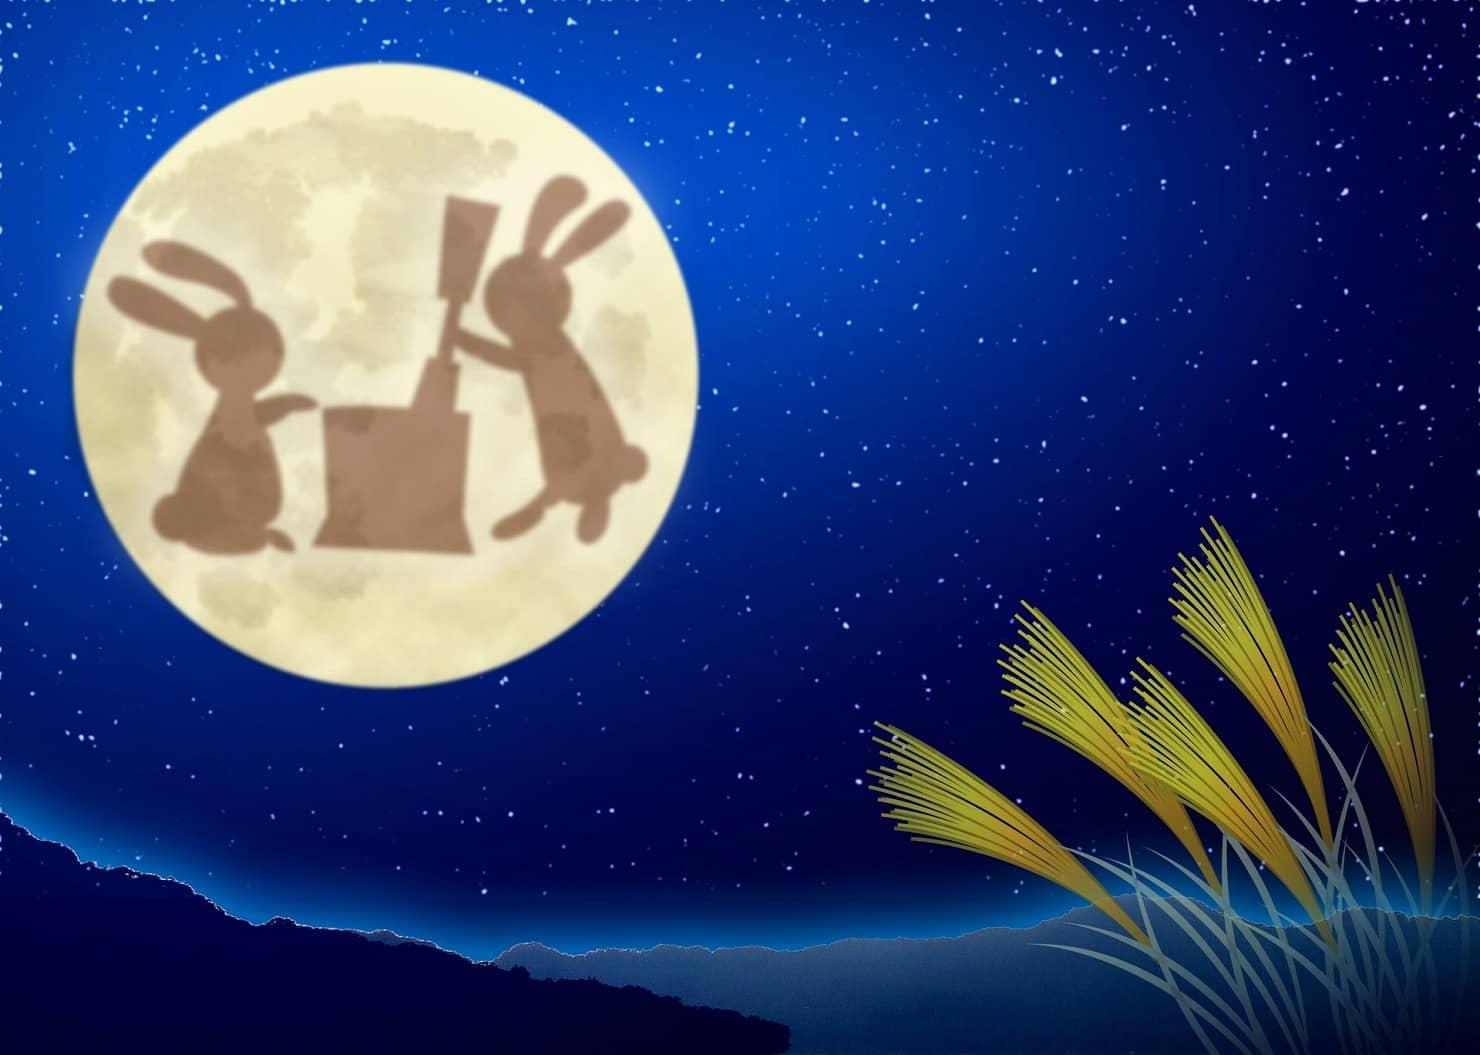 十五夜とは? どうして月見団子とススキをお供えするの? 月見団子の人気レシピ集